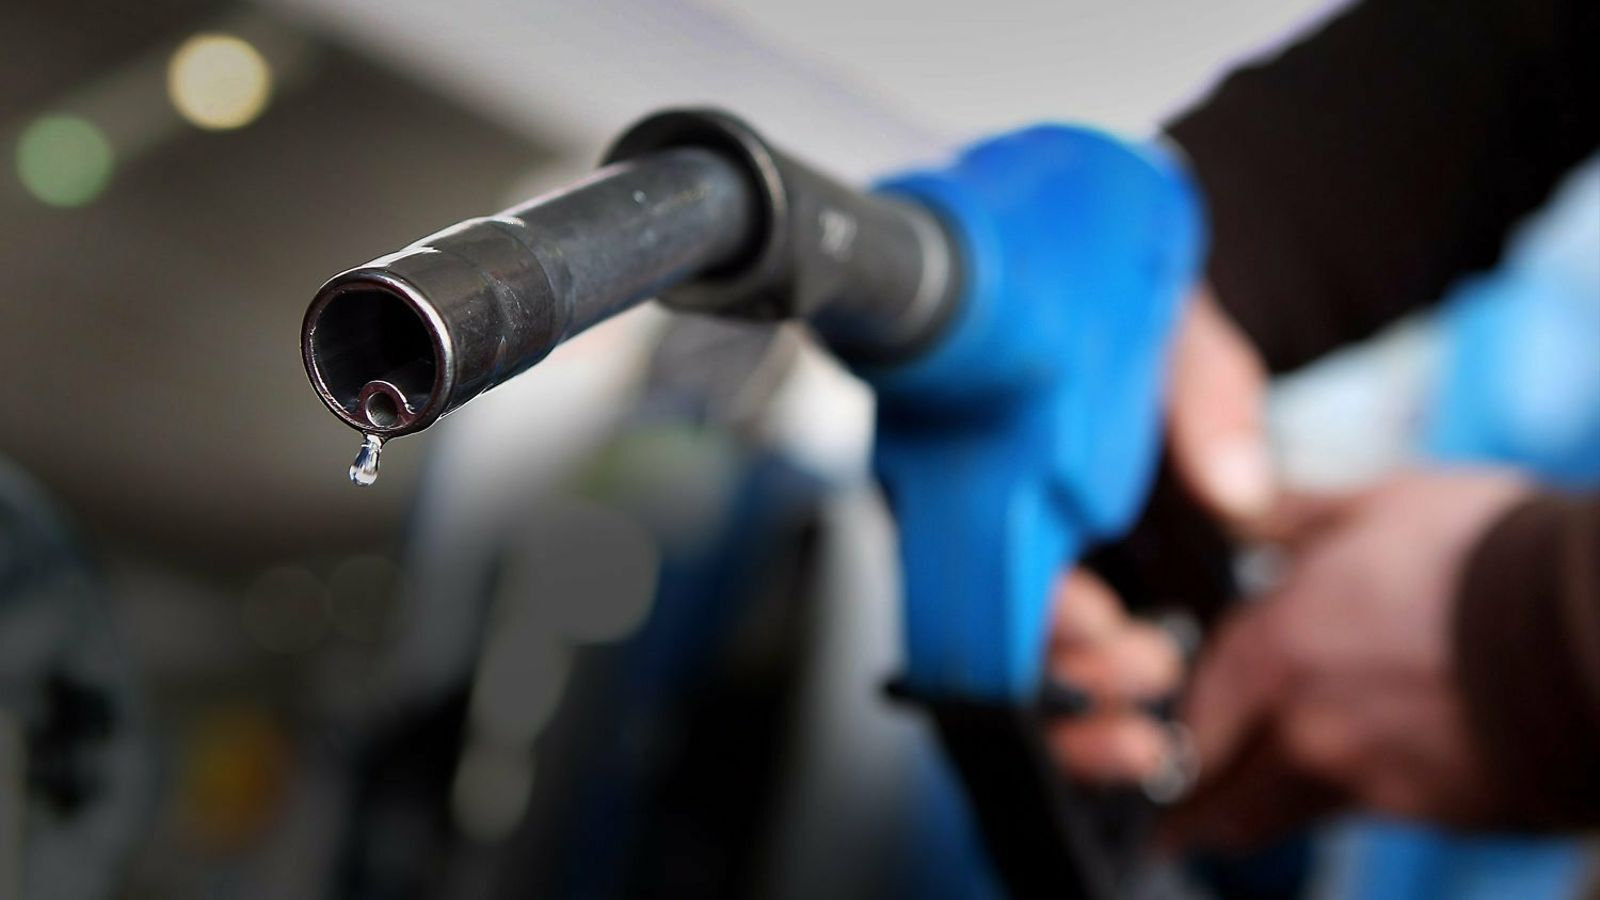 Omplir un dipòsit de benzina costa 8 euros més que el gener